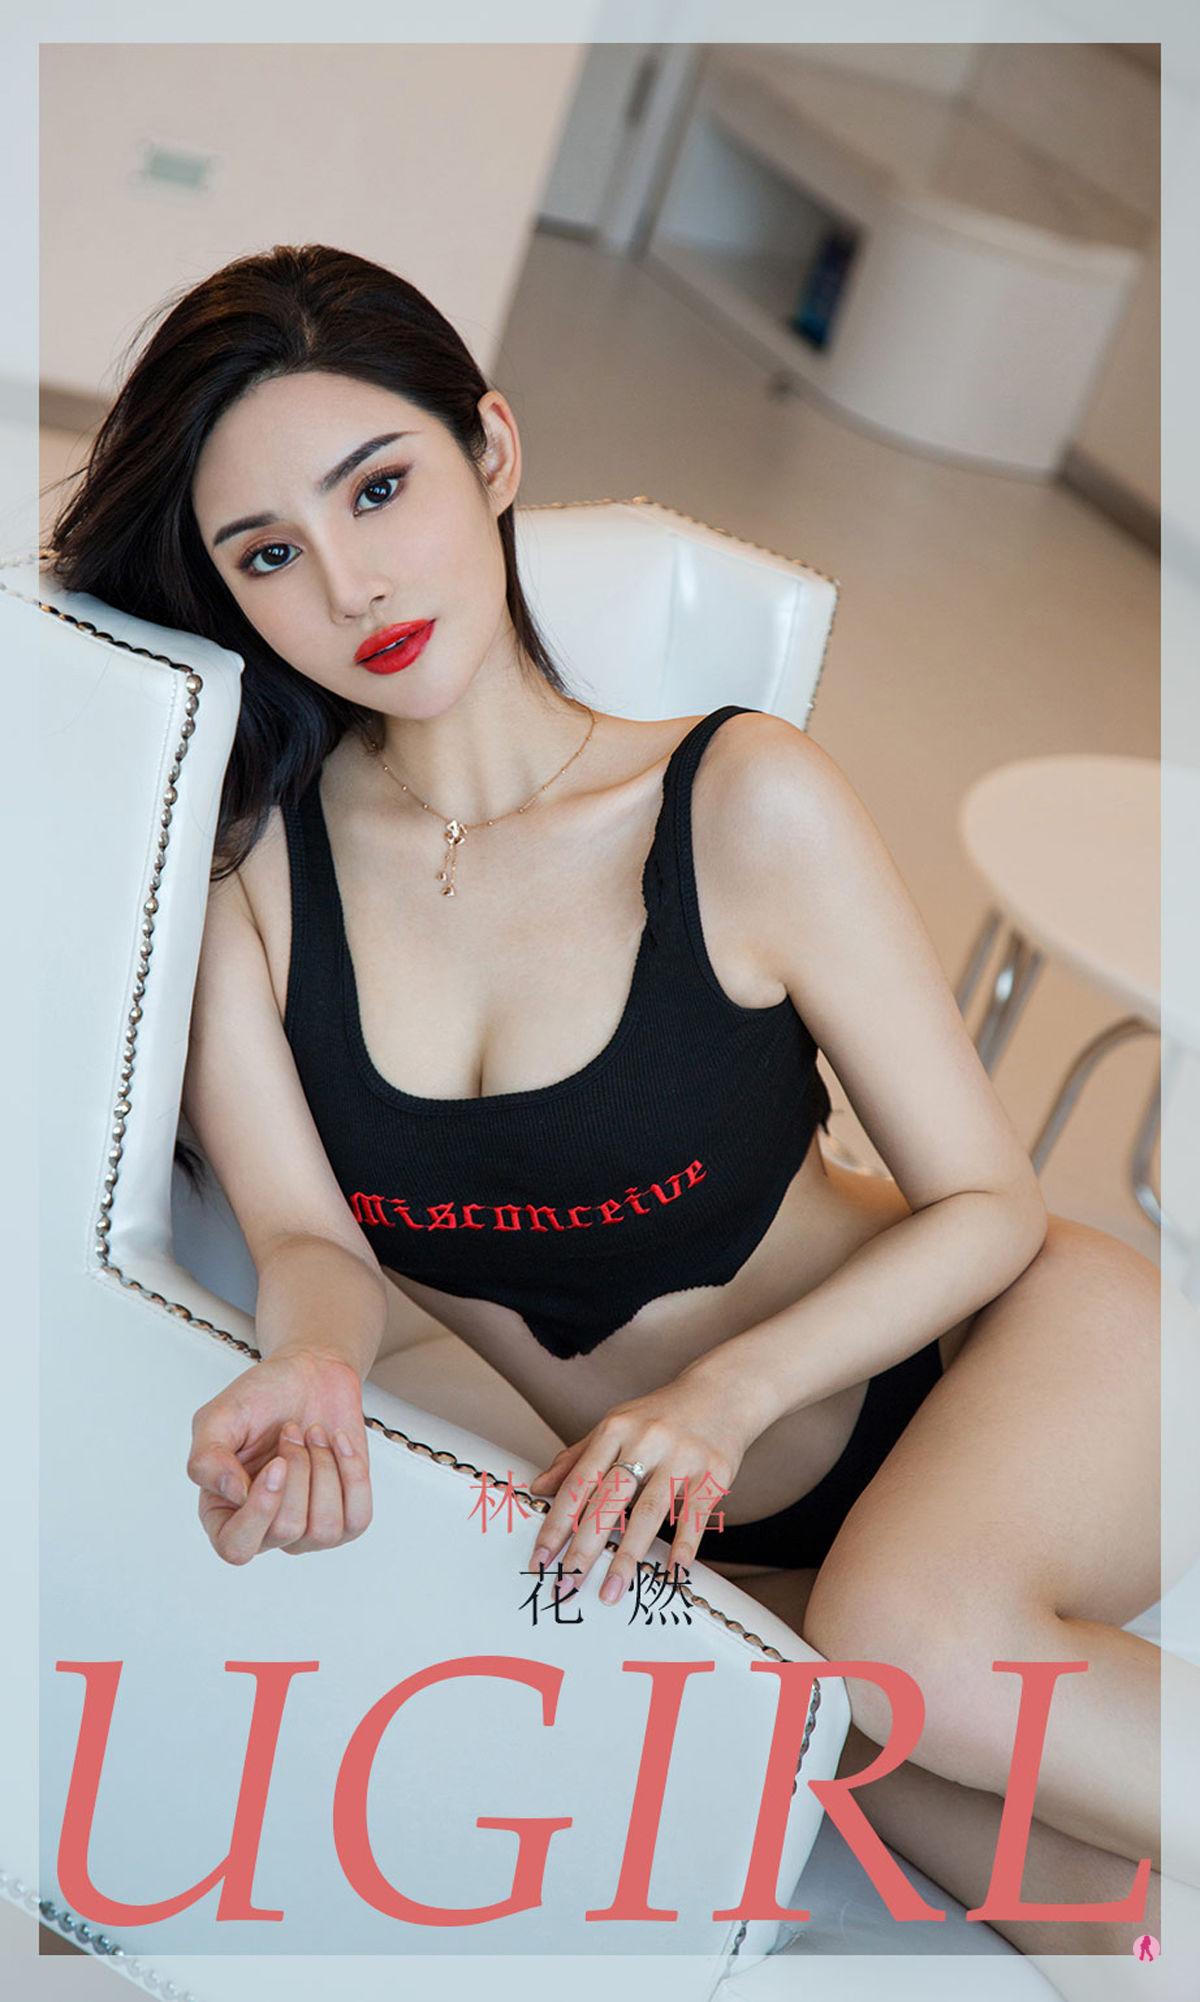 [尤果圈爱尤物]林渃晗No.1984超高清写真大图片(35P)|535热度